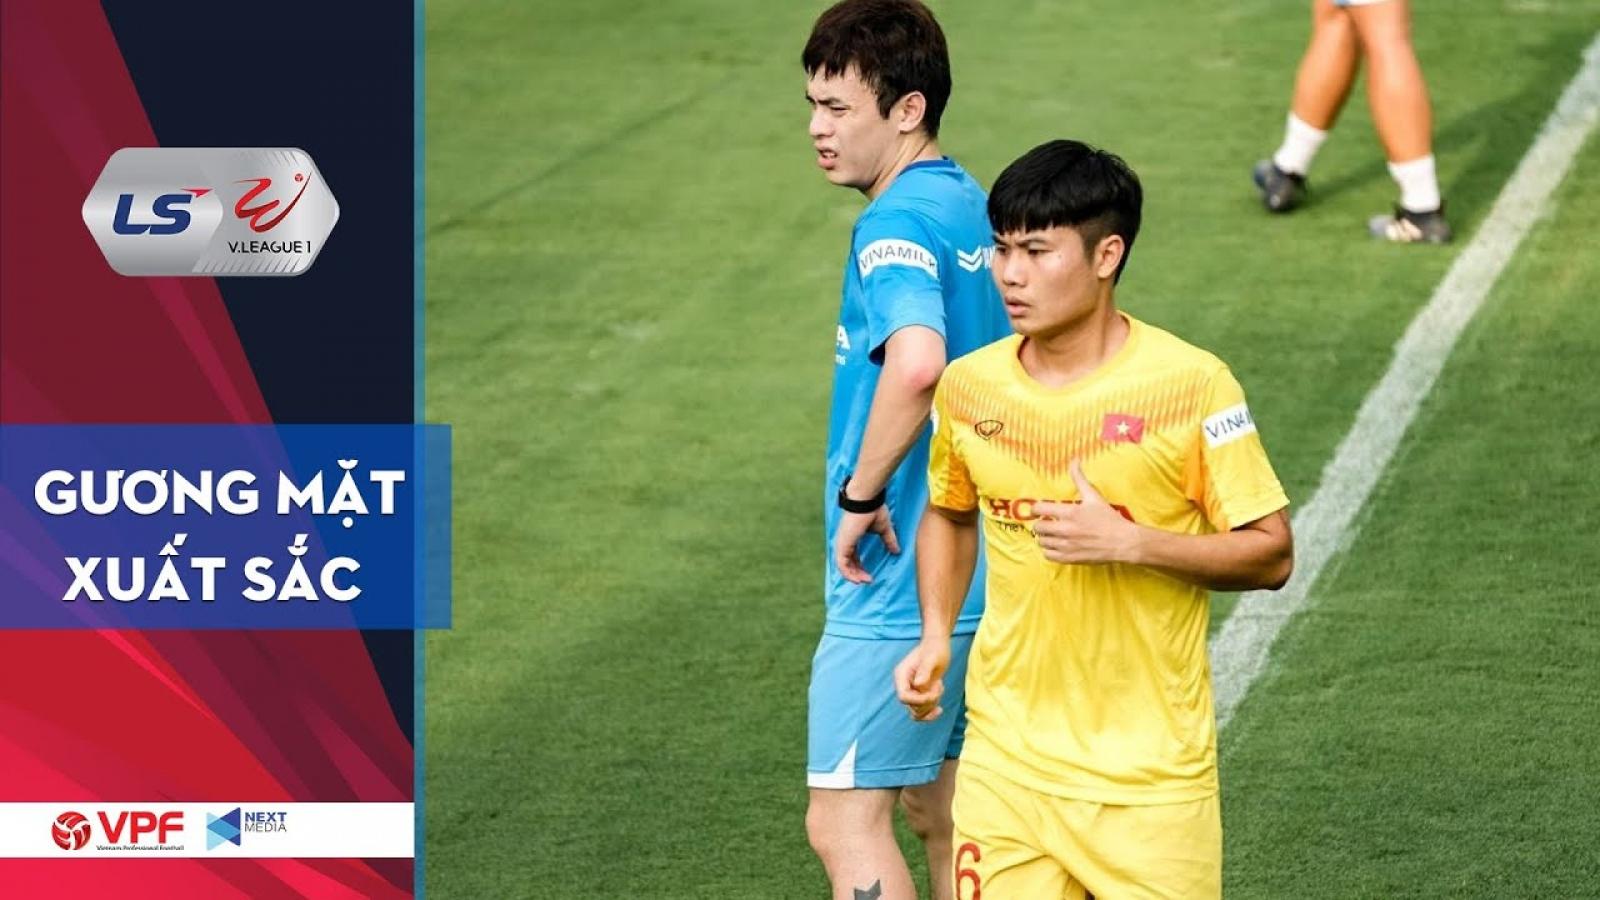 Tiền vệ Trương Tiến Anh - Tài năng nổi bật của U22 Việt Nam